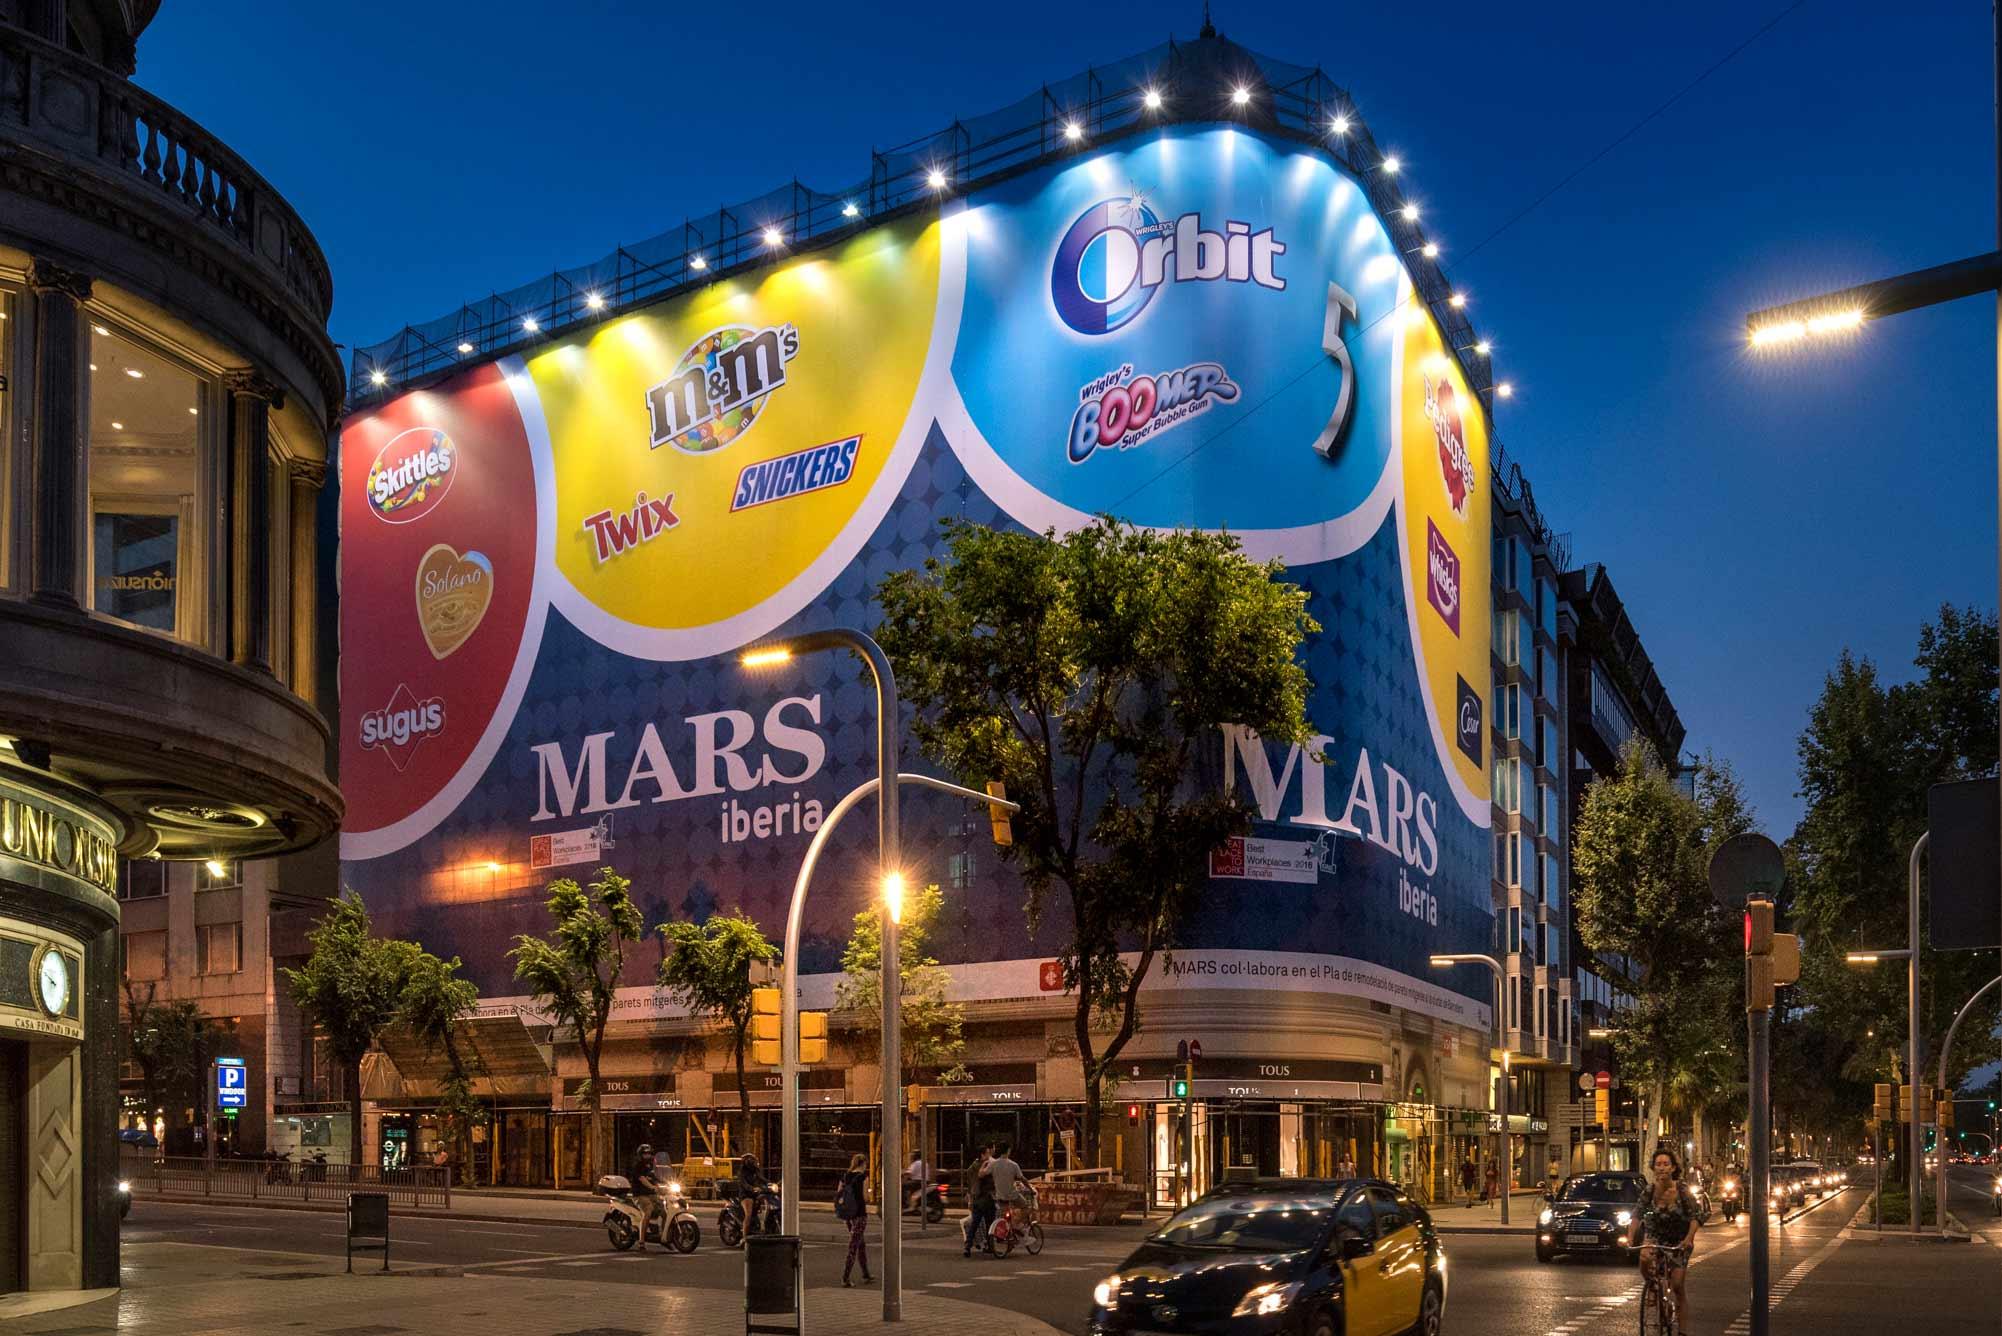 lona-publicitaria-barcelona-avenida-diagonal-478-mars-iberia-lateral-vsa-comunicacion